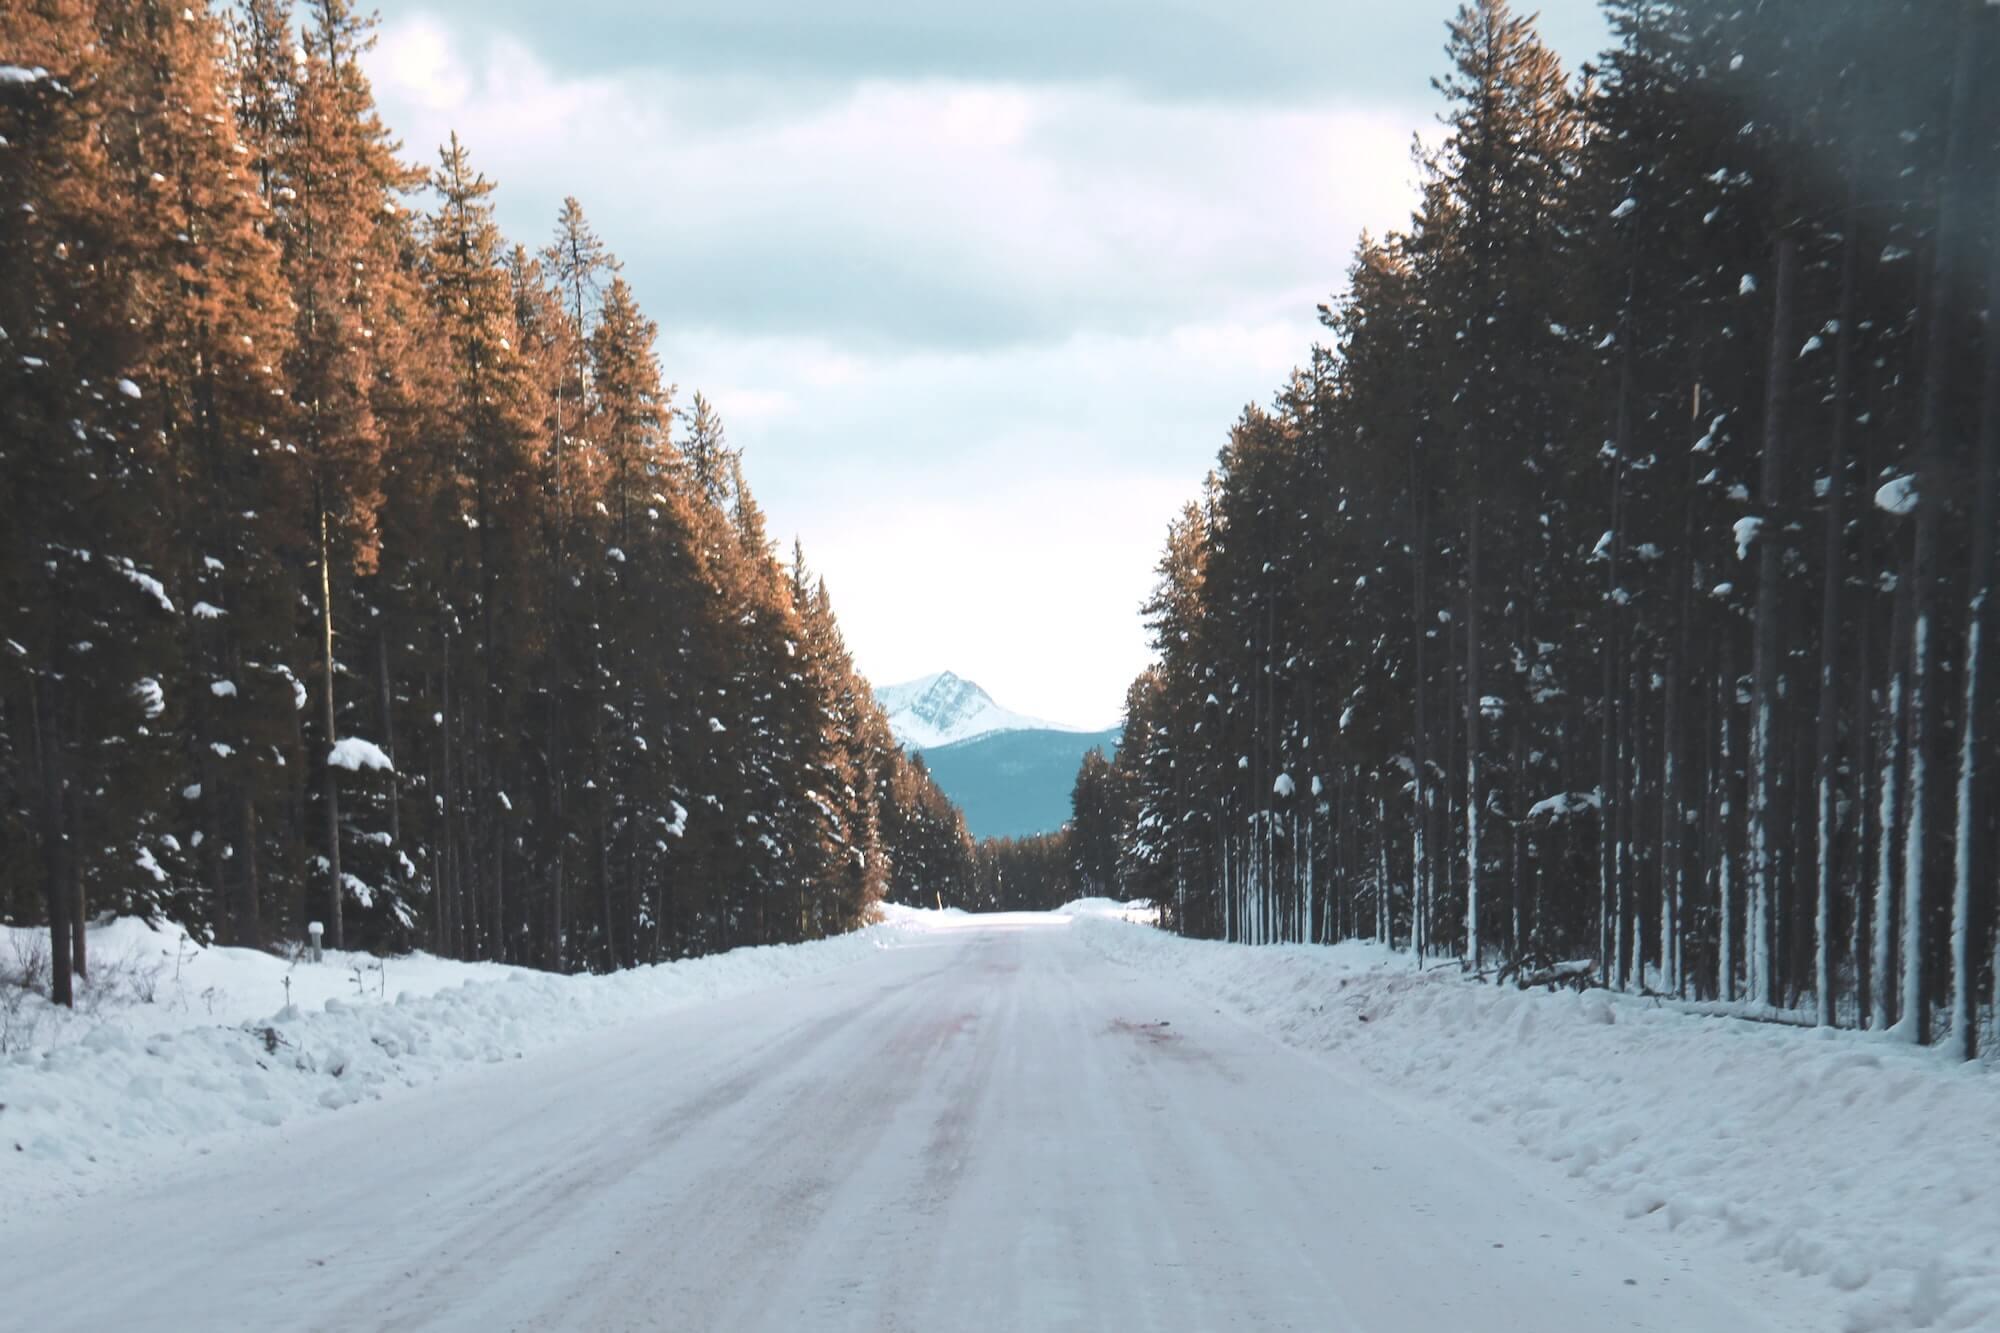 Snowy road in Banff